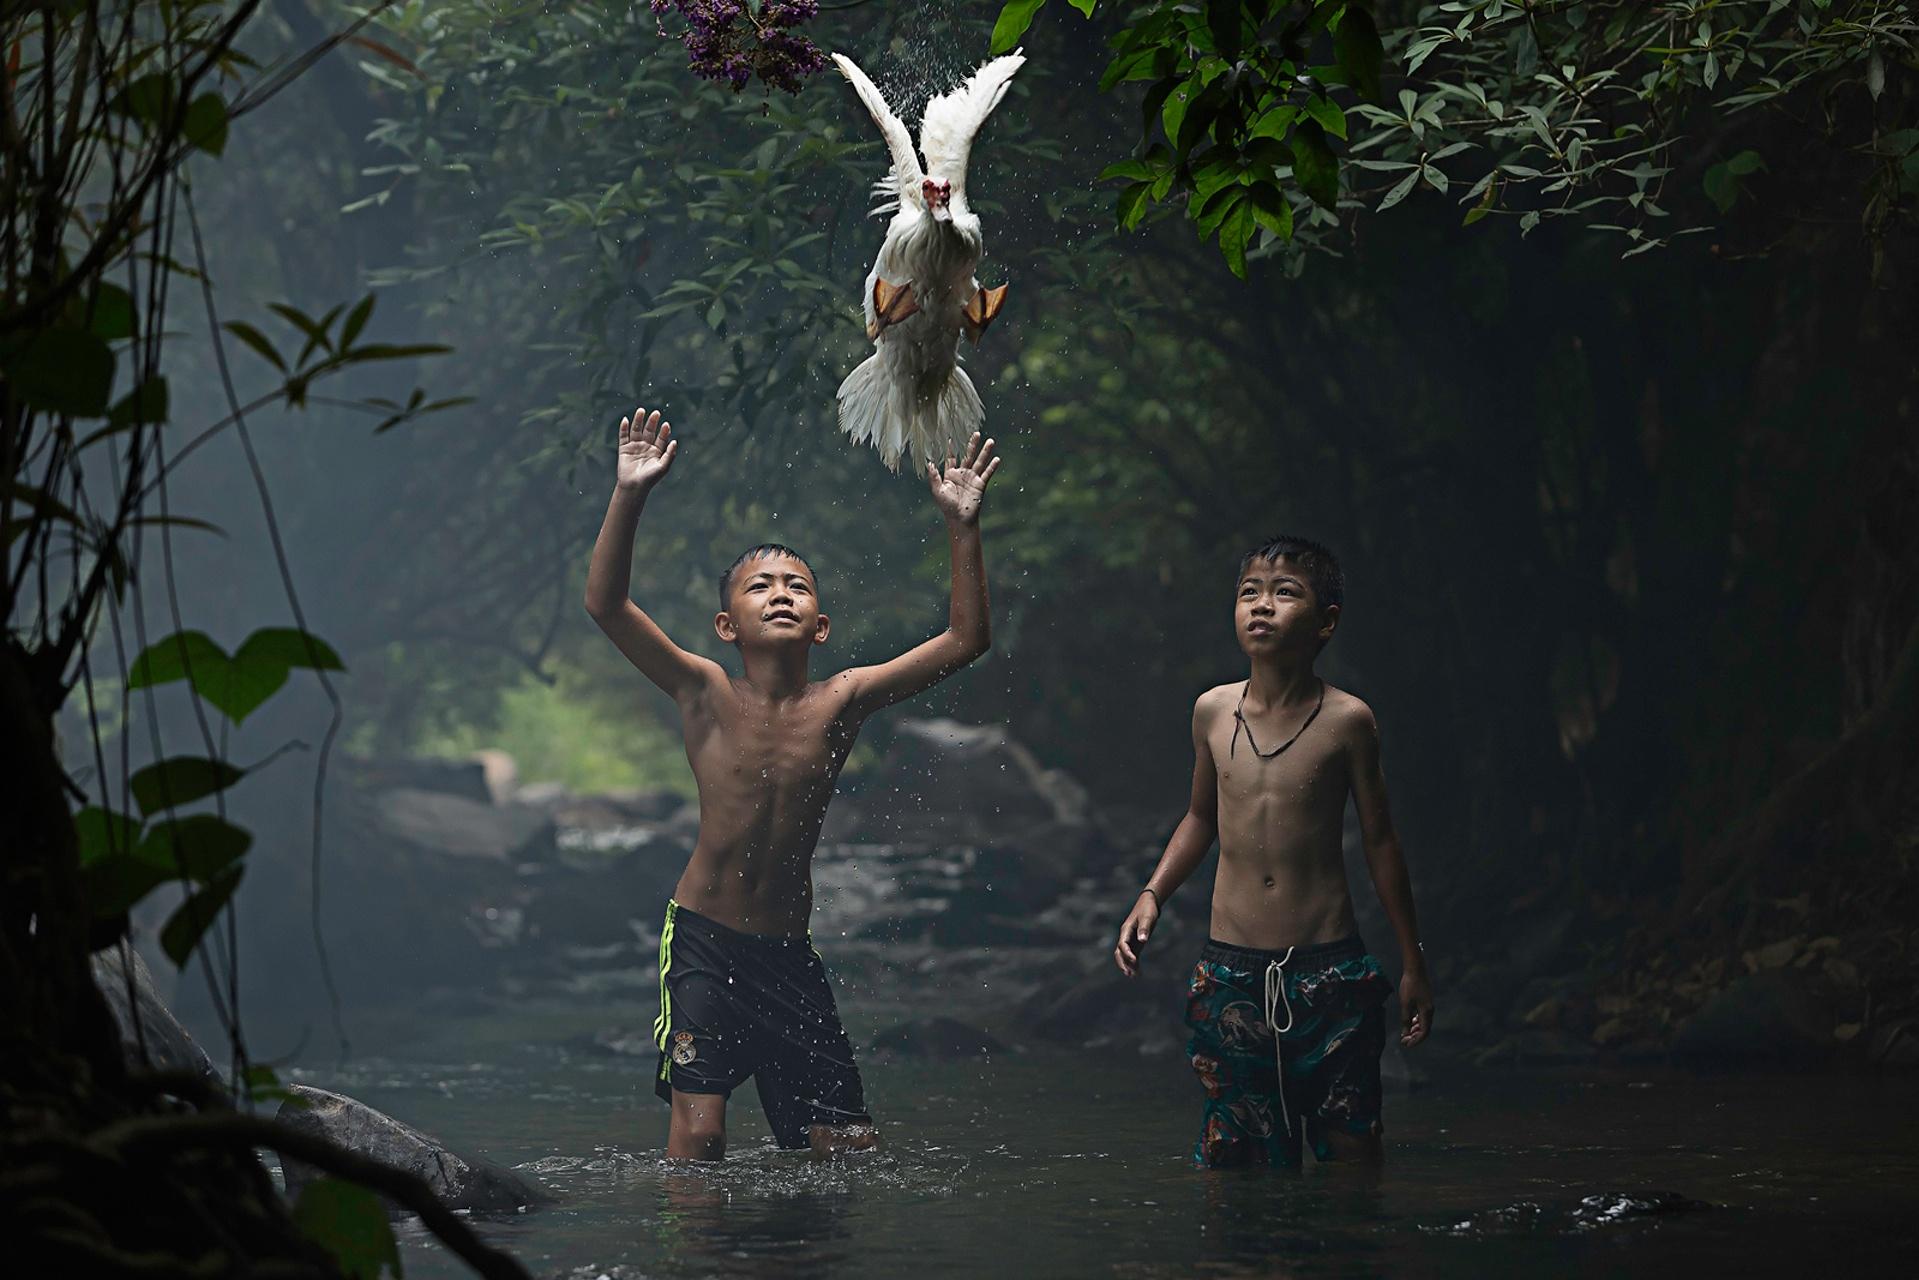 """""""Garotos tentam capturar pato, em cachoeira de Nong Kahi, Tailândia"""", por Sarah Wouters"""